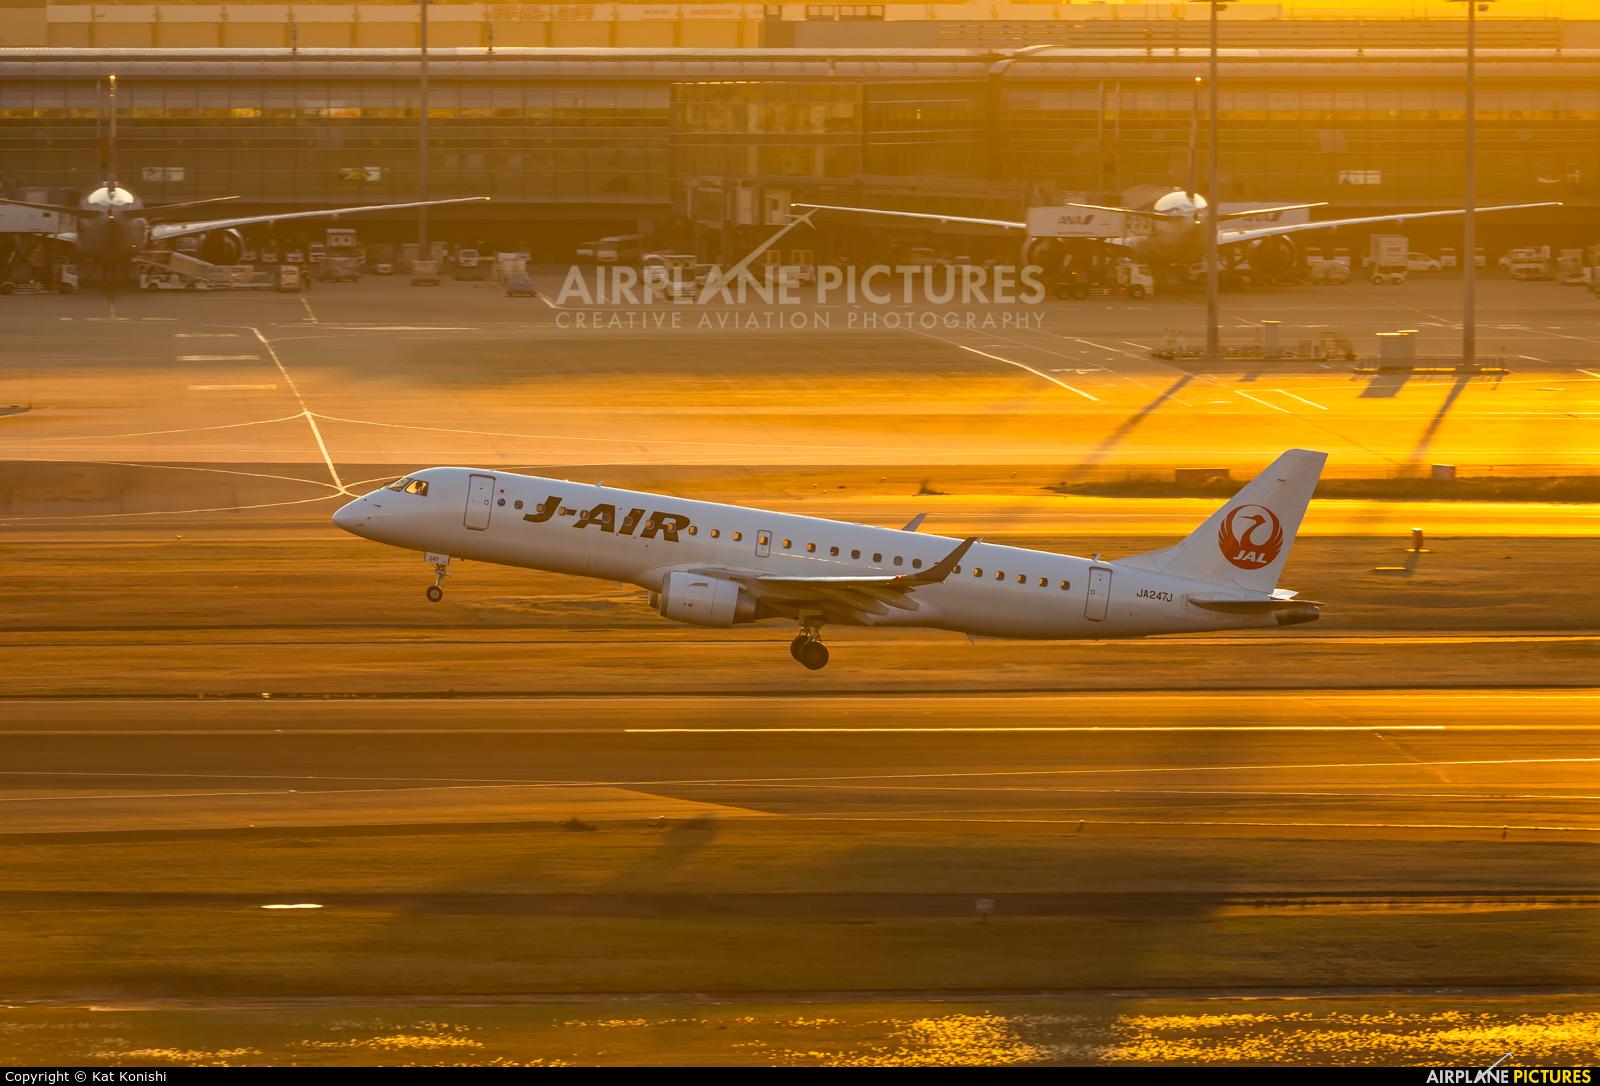 JAL - Japan Airlines JA247J aircraft at Tokyo - Haneda Intl